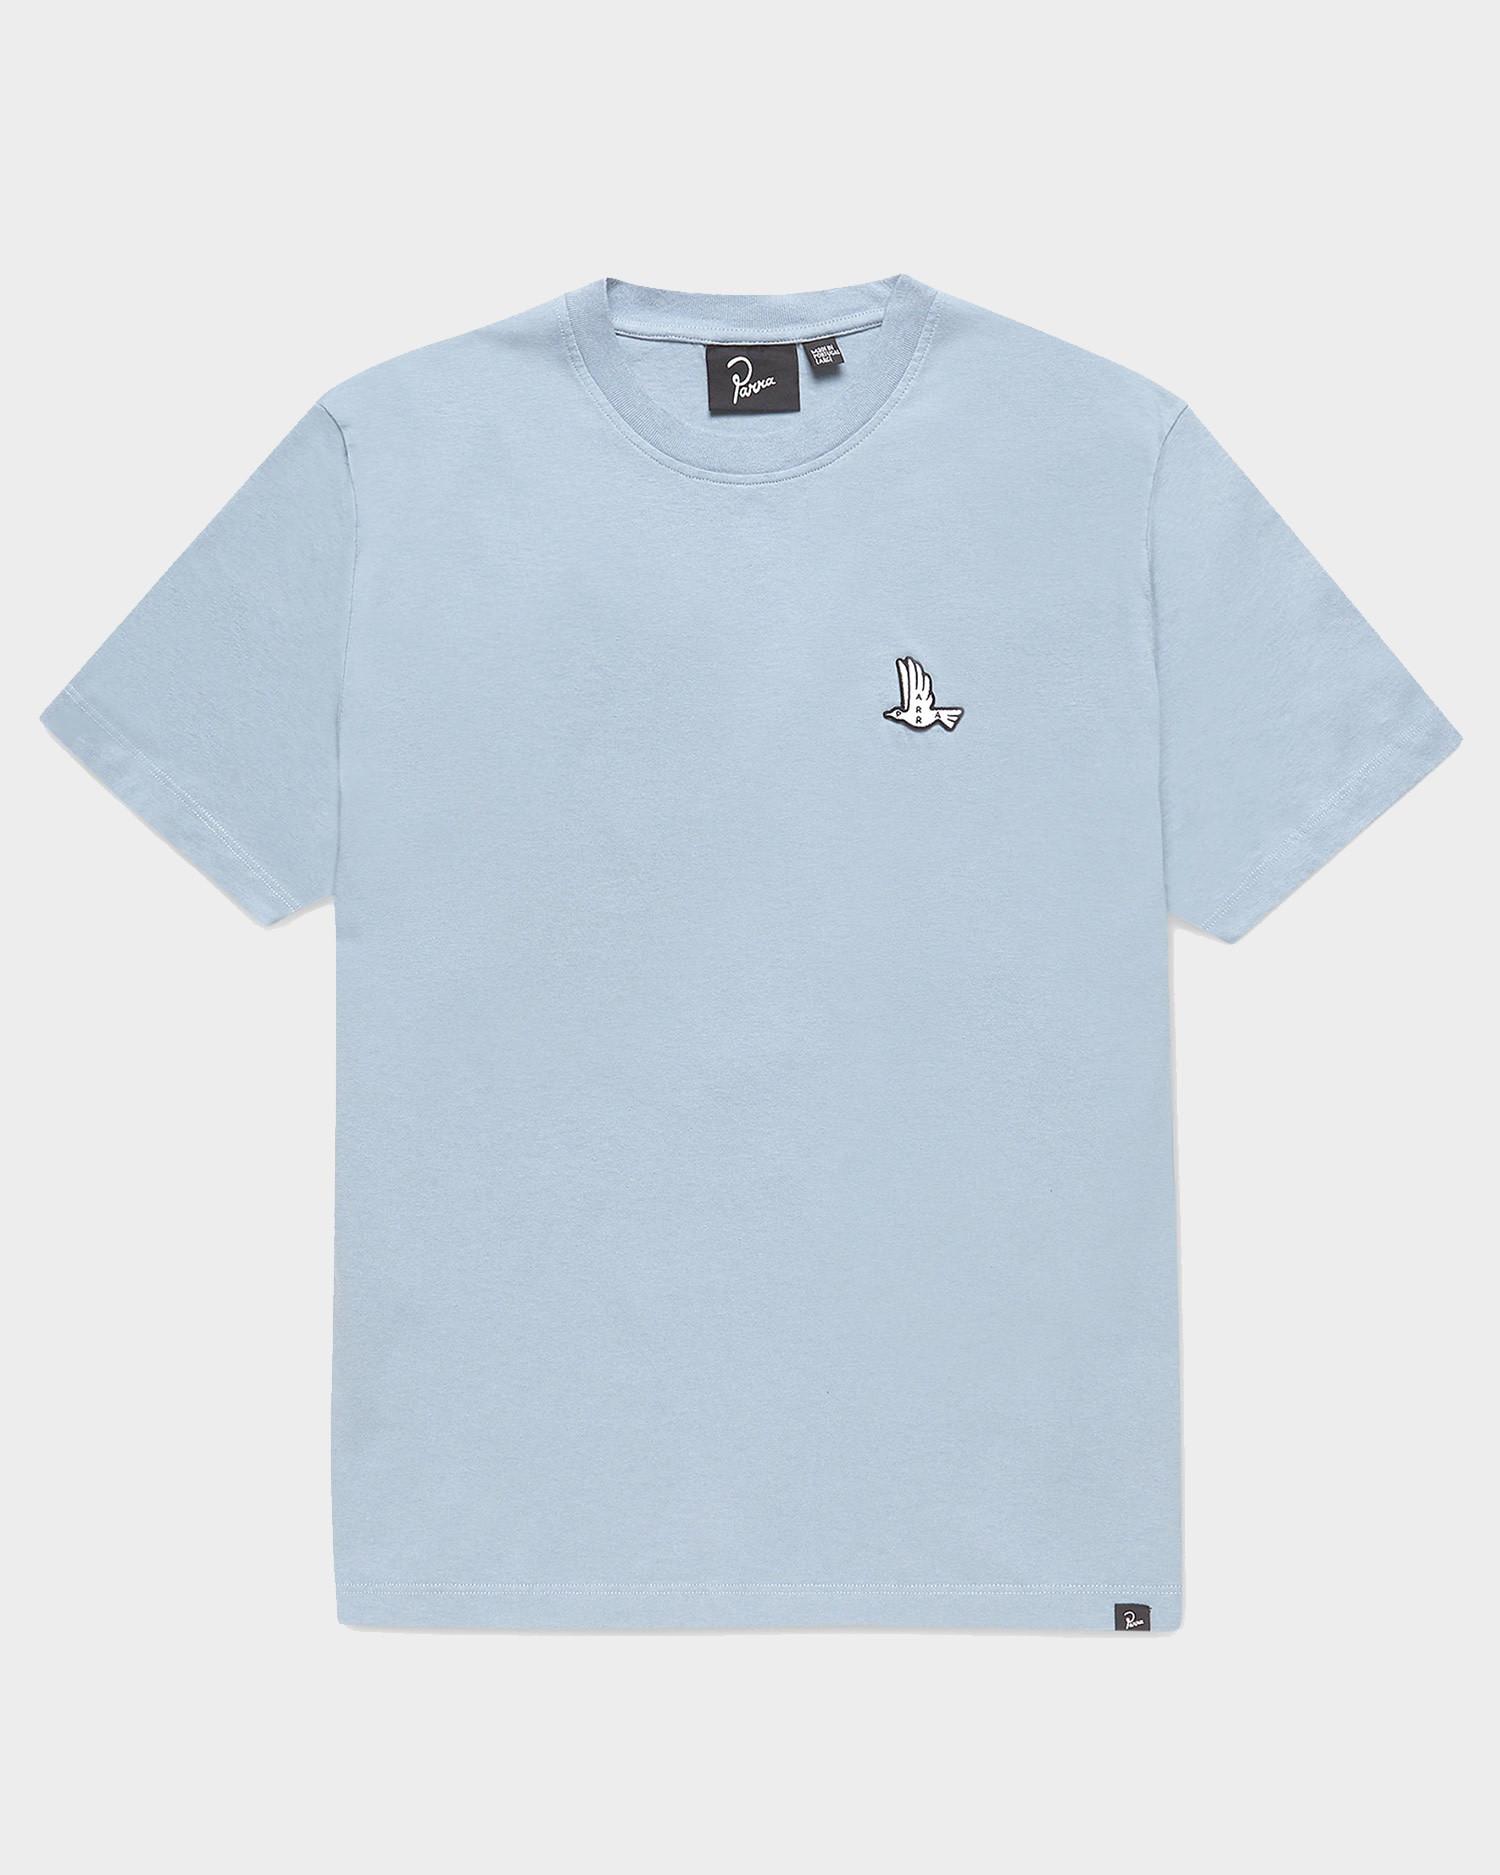 Parra Mother Nature T-shirt  Dusty Blue